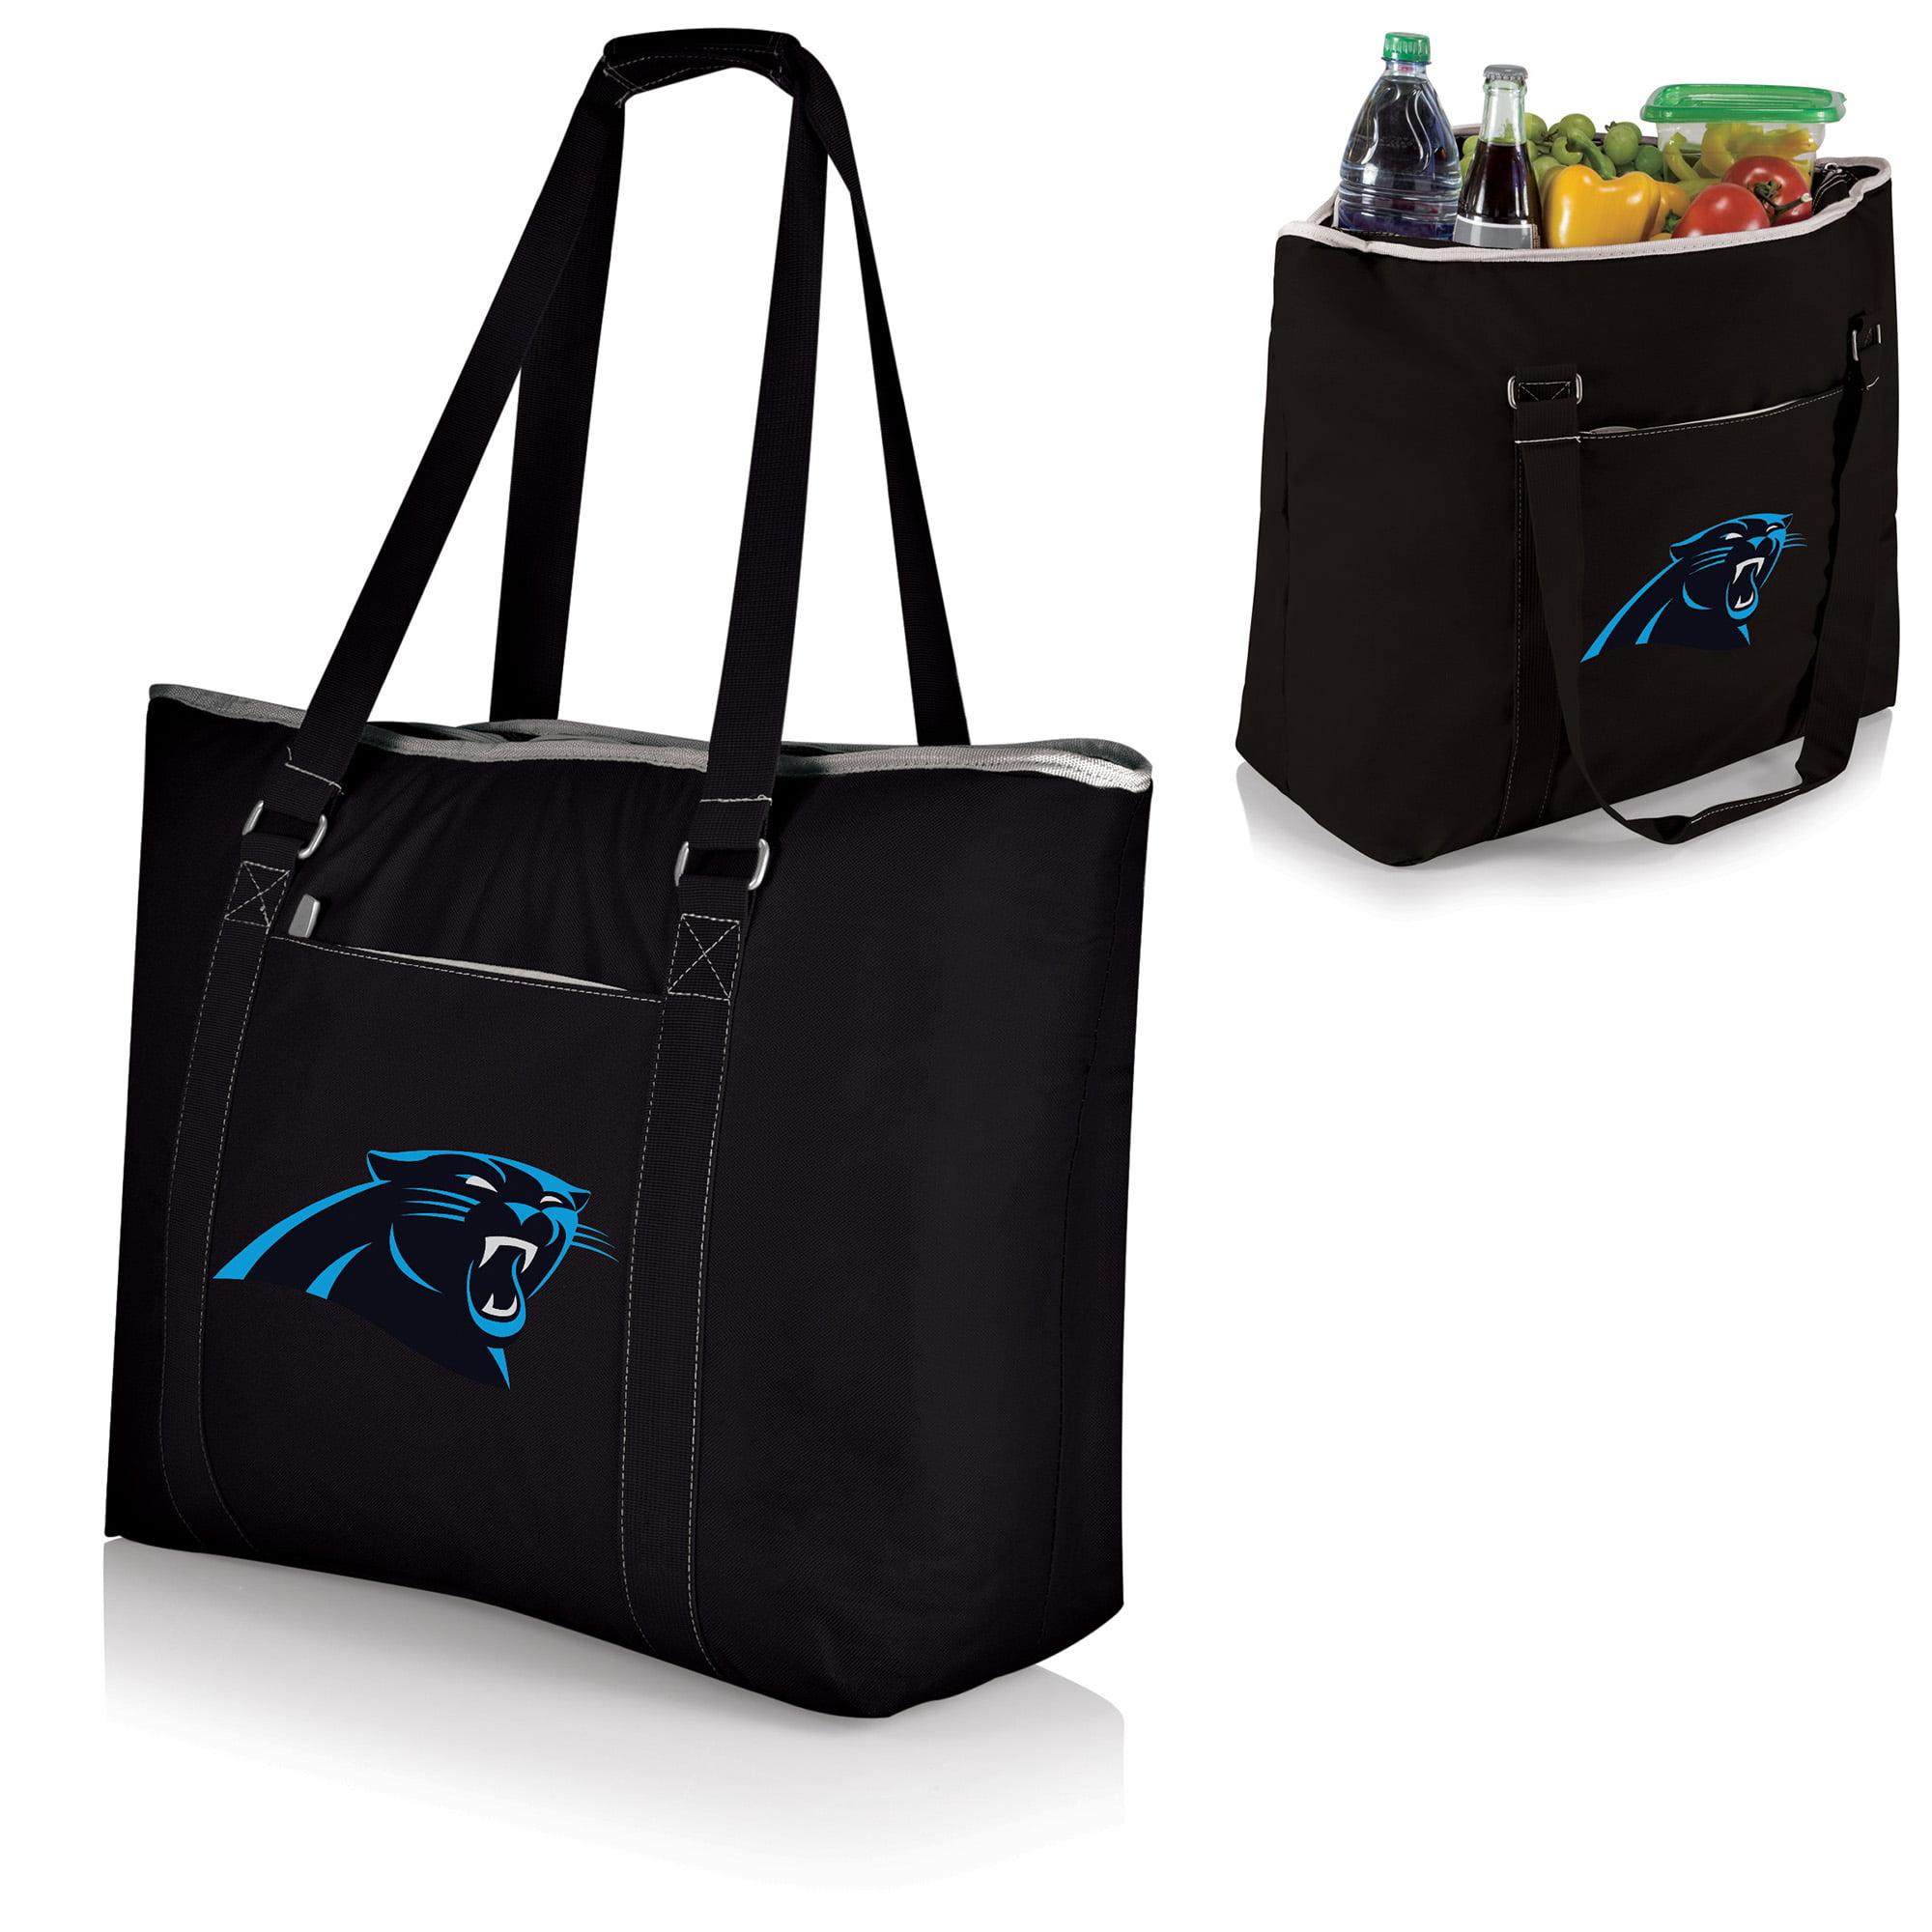 Carolina Panthers Tahoe XL Cooler Tote - No Size